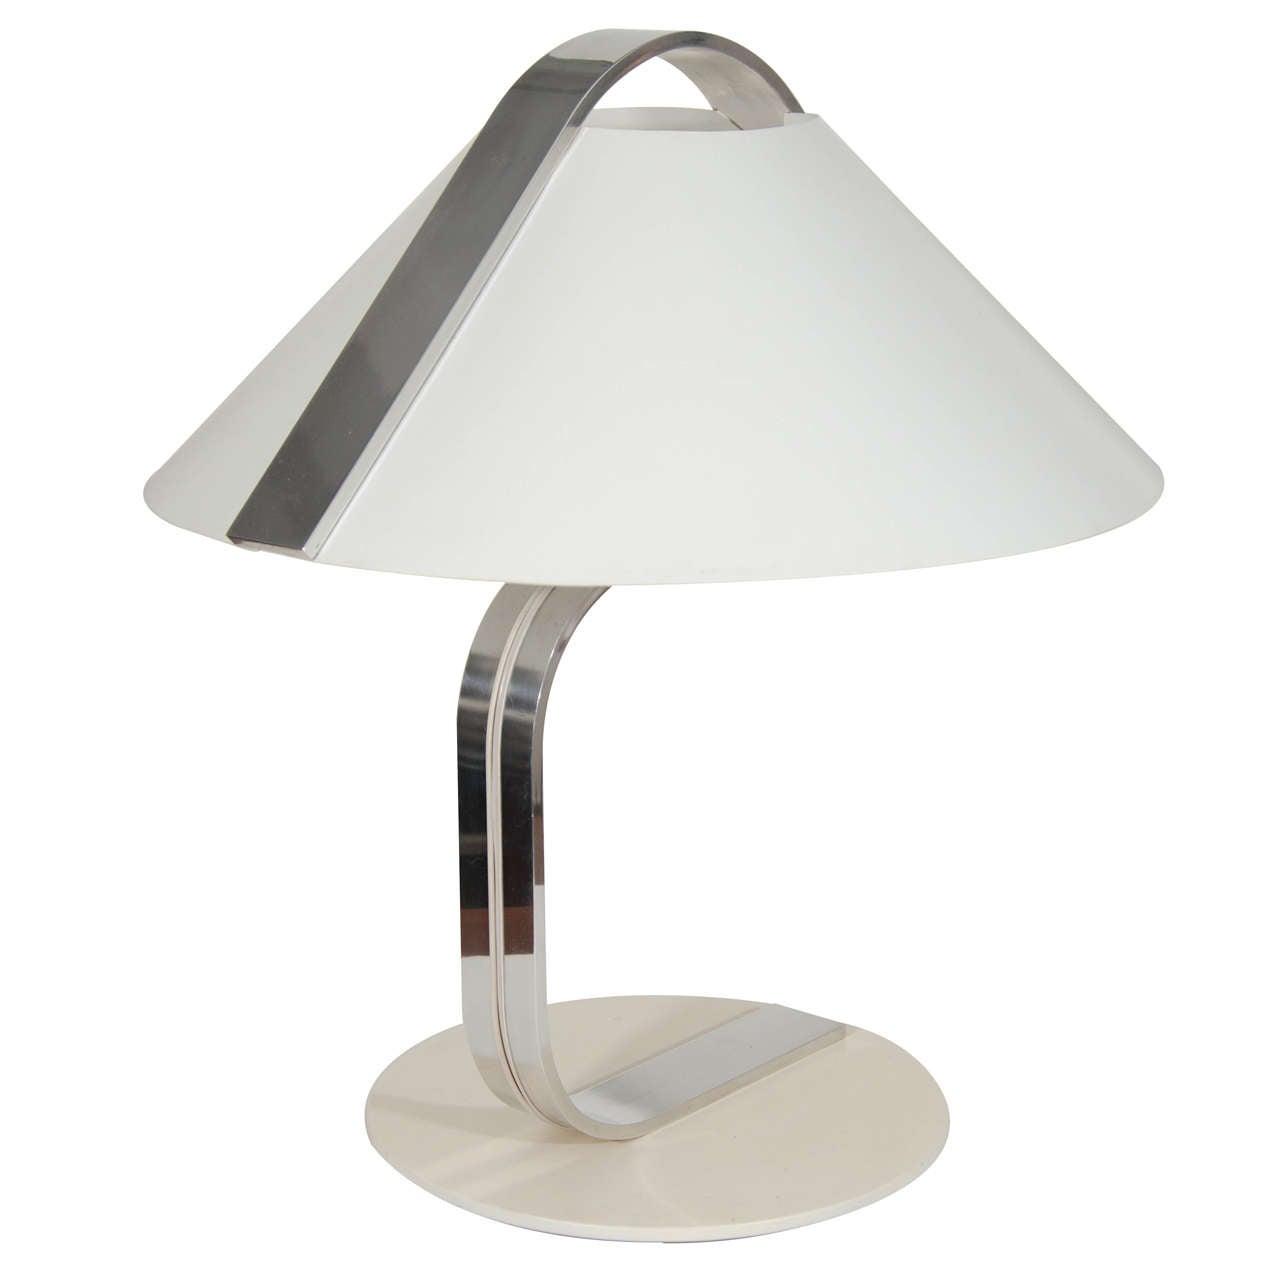 1970s modernist table lamp for sale at 1stdibs. Black Bedroom Furniture Sets. Home Design Ideas